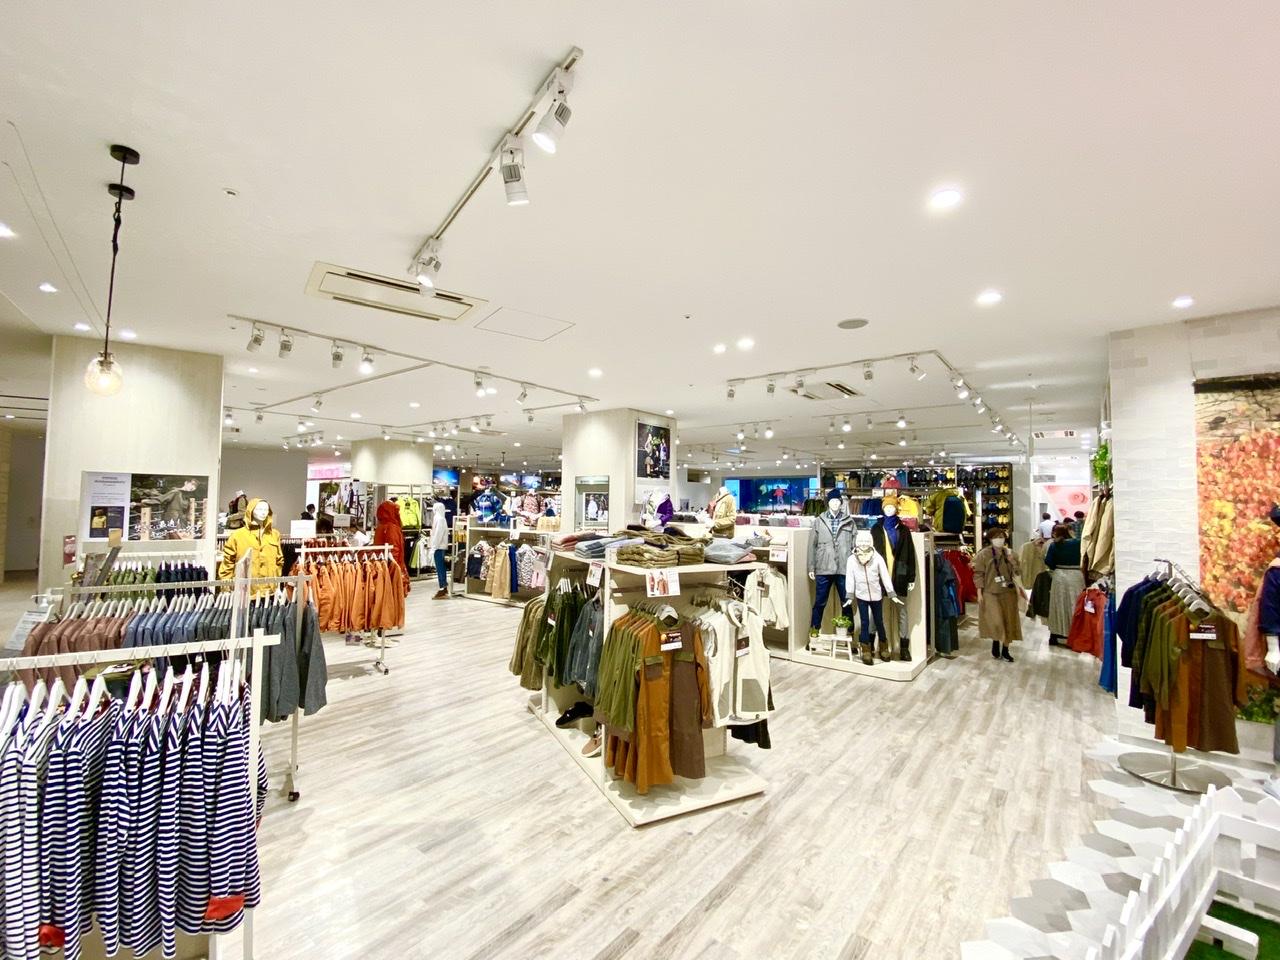 『#ワークマン女子』1号店が横浜にオープン☆ 何が売っているの? どんなお店なの? 徹底調査してきました!_2